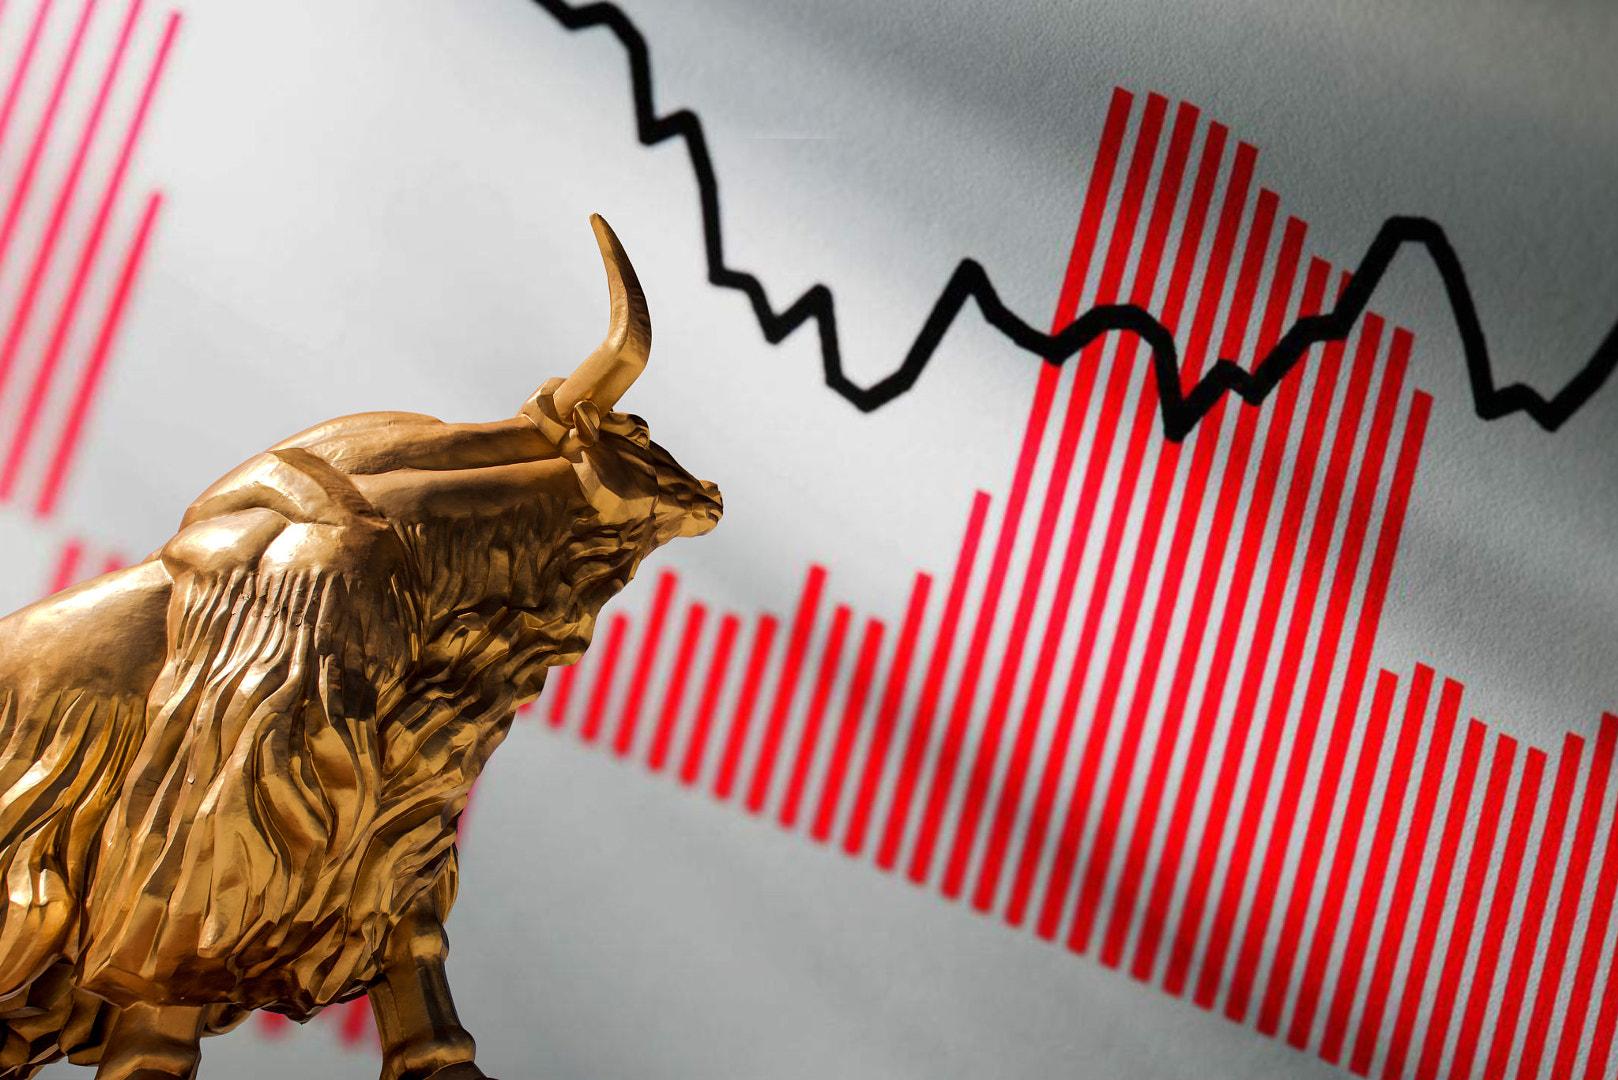 股市还有创新高机会吗